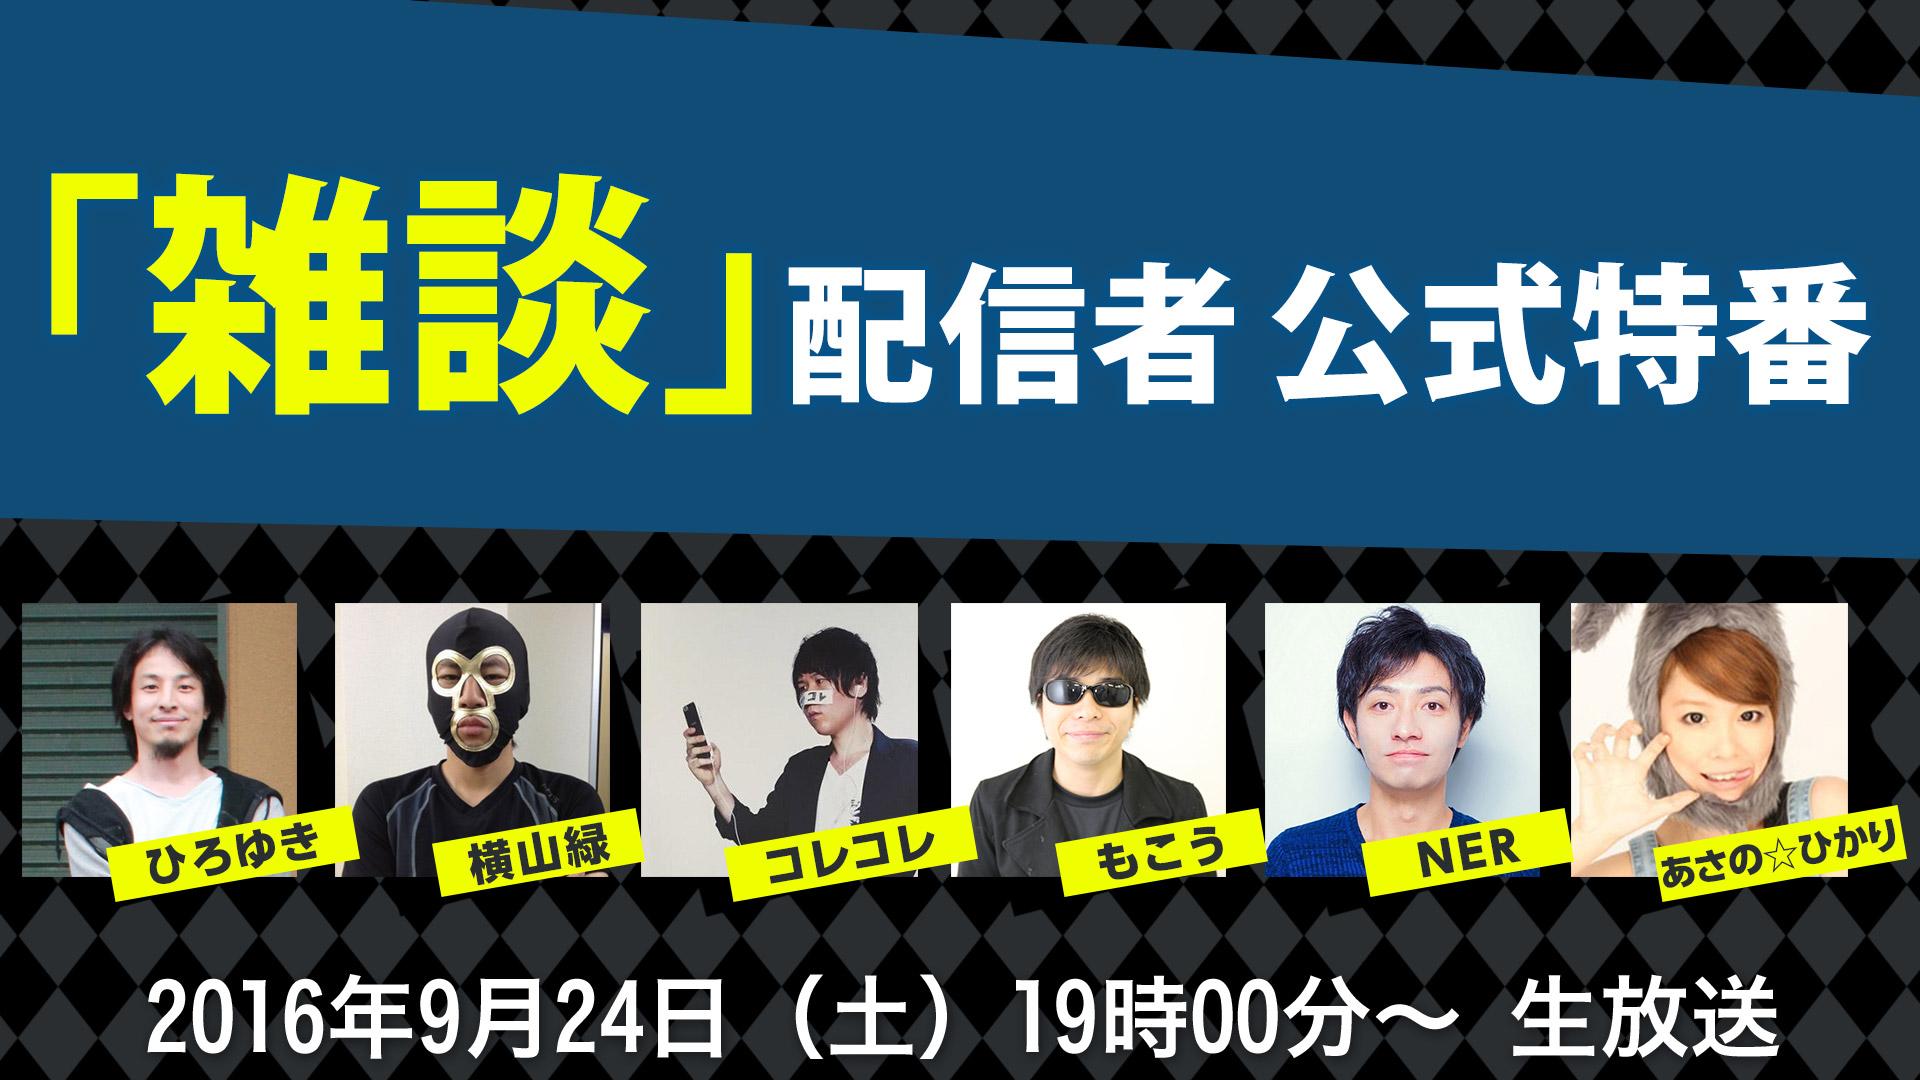 「雑談」配信者 公式特番(2016/9/24)